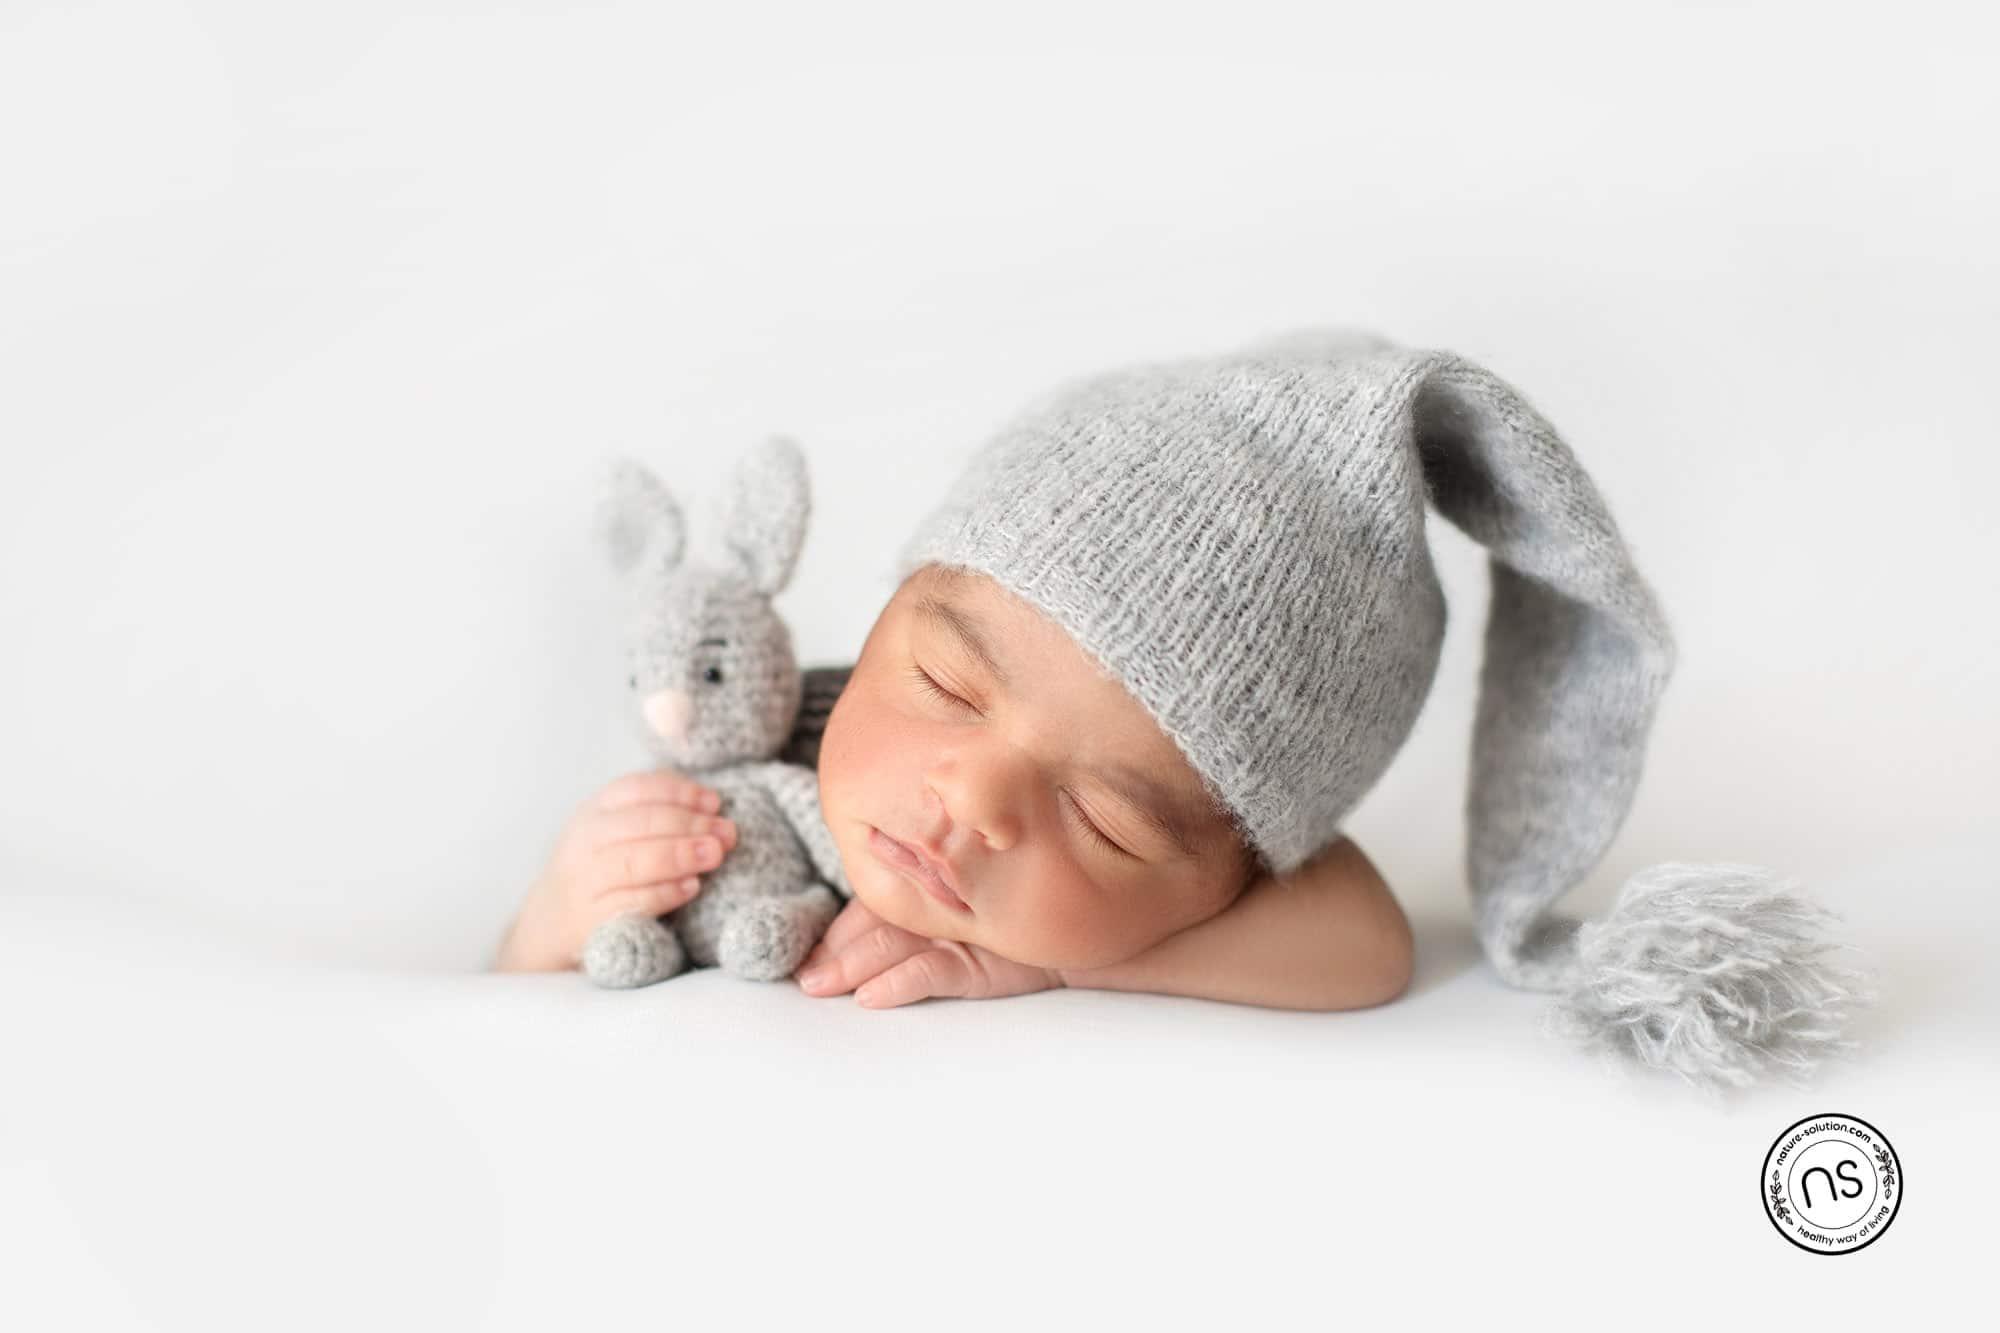 Życie z noworodkiem  – noworodek 10 rzeczy, które Cię zaskoczą